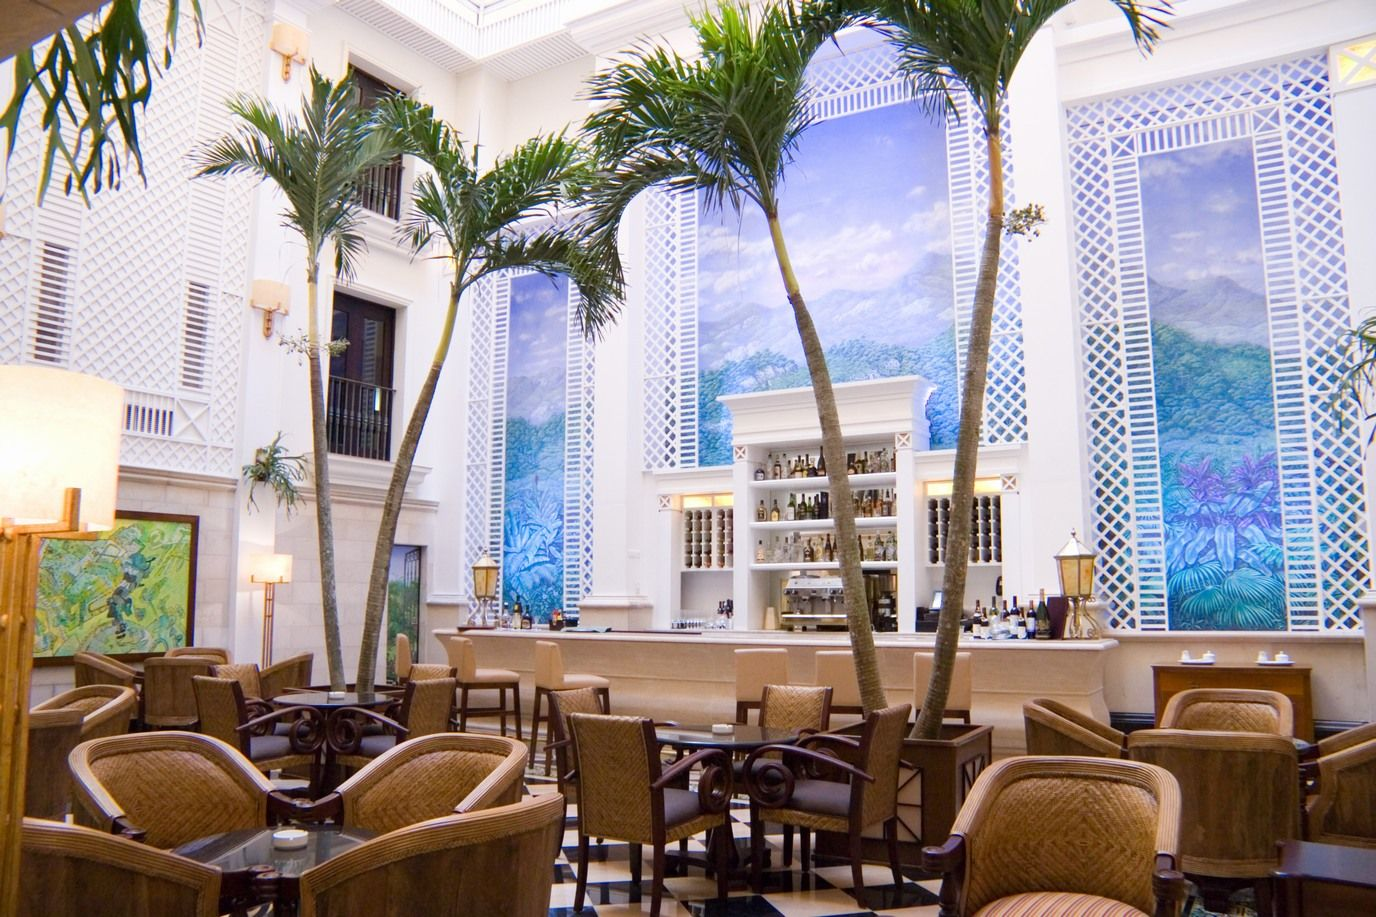 #Bar Mezzanine de estilo #neoclásico, conserva estructura original con grandes ventanales carpintería francesa.